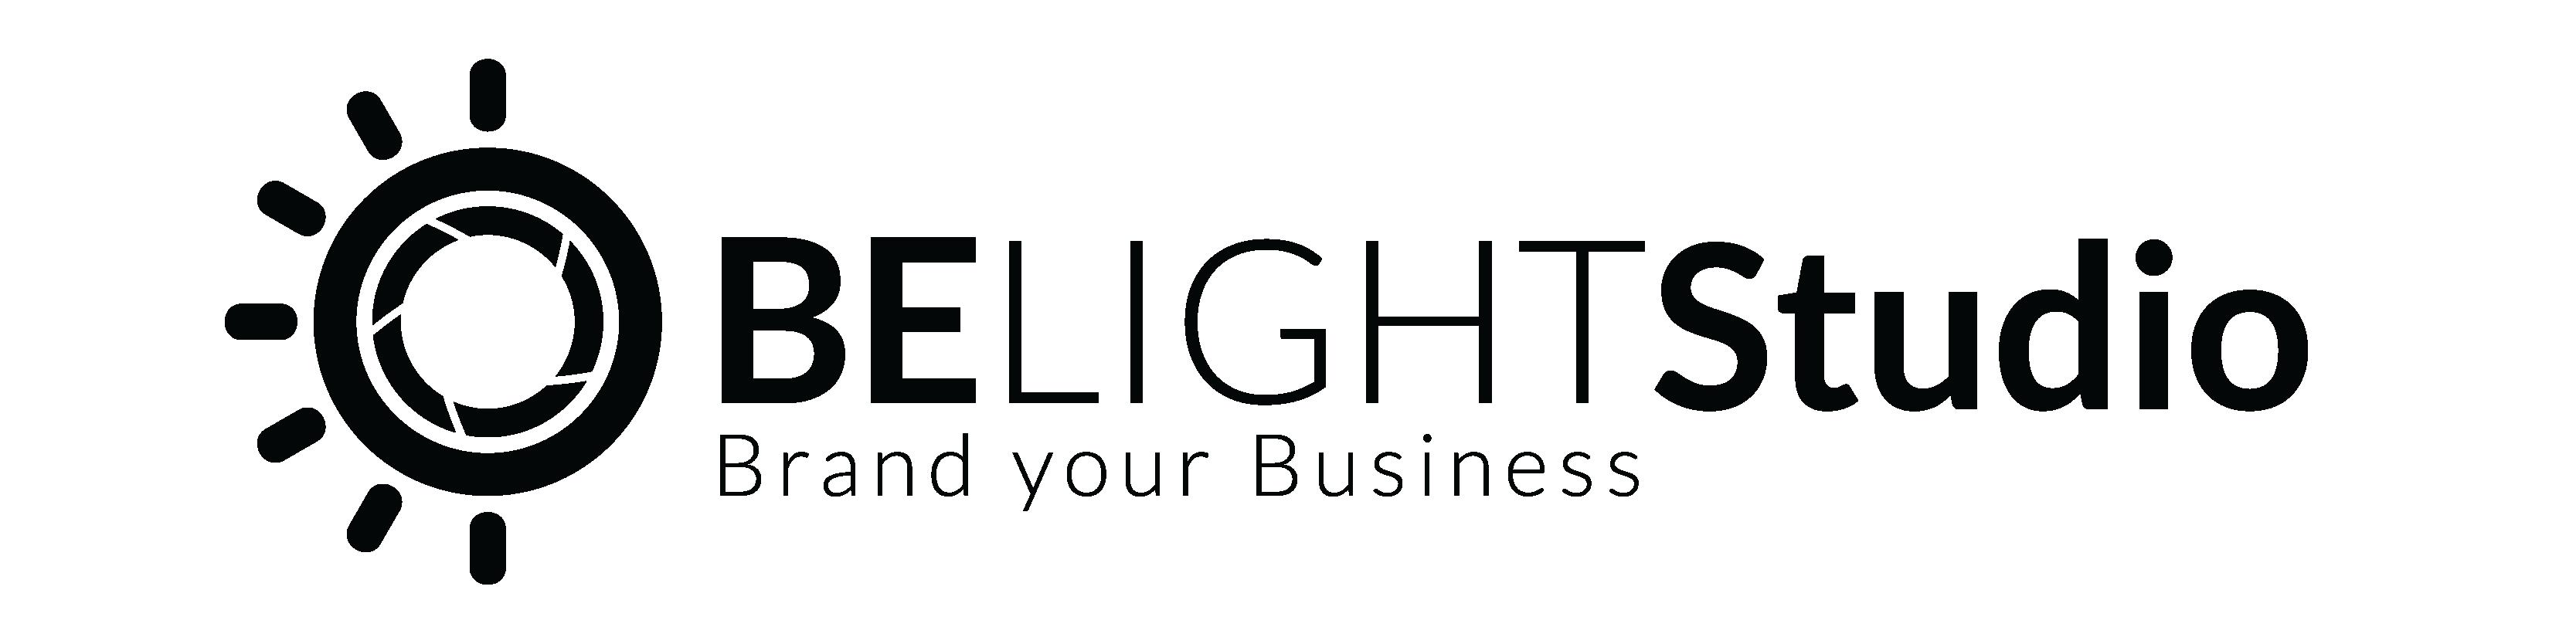 BeLightStudio Logo